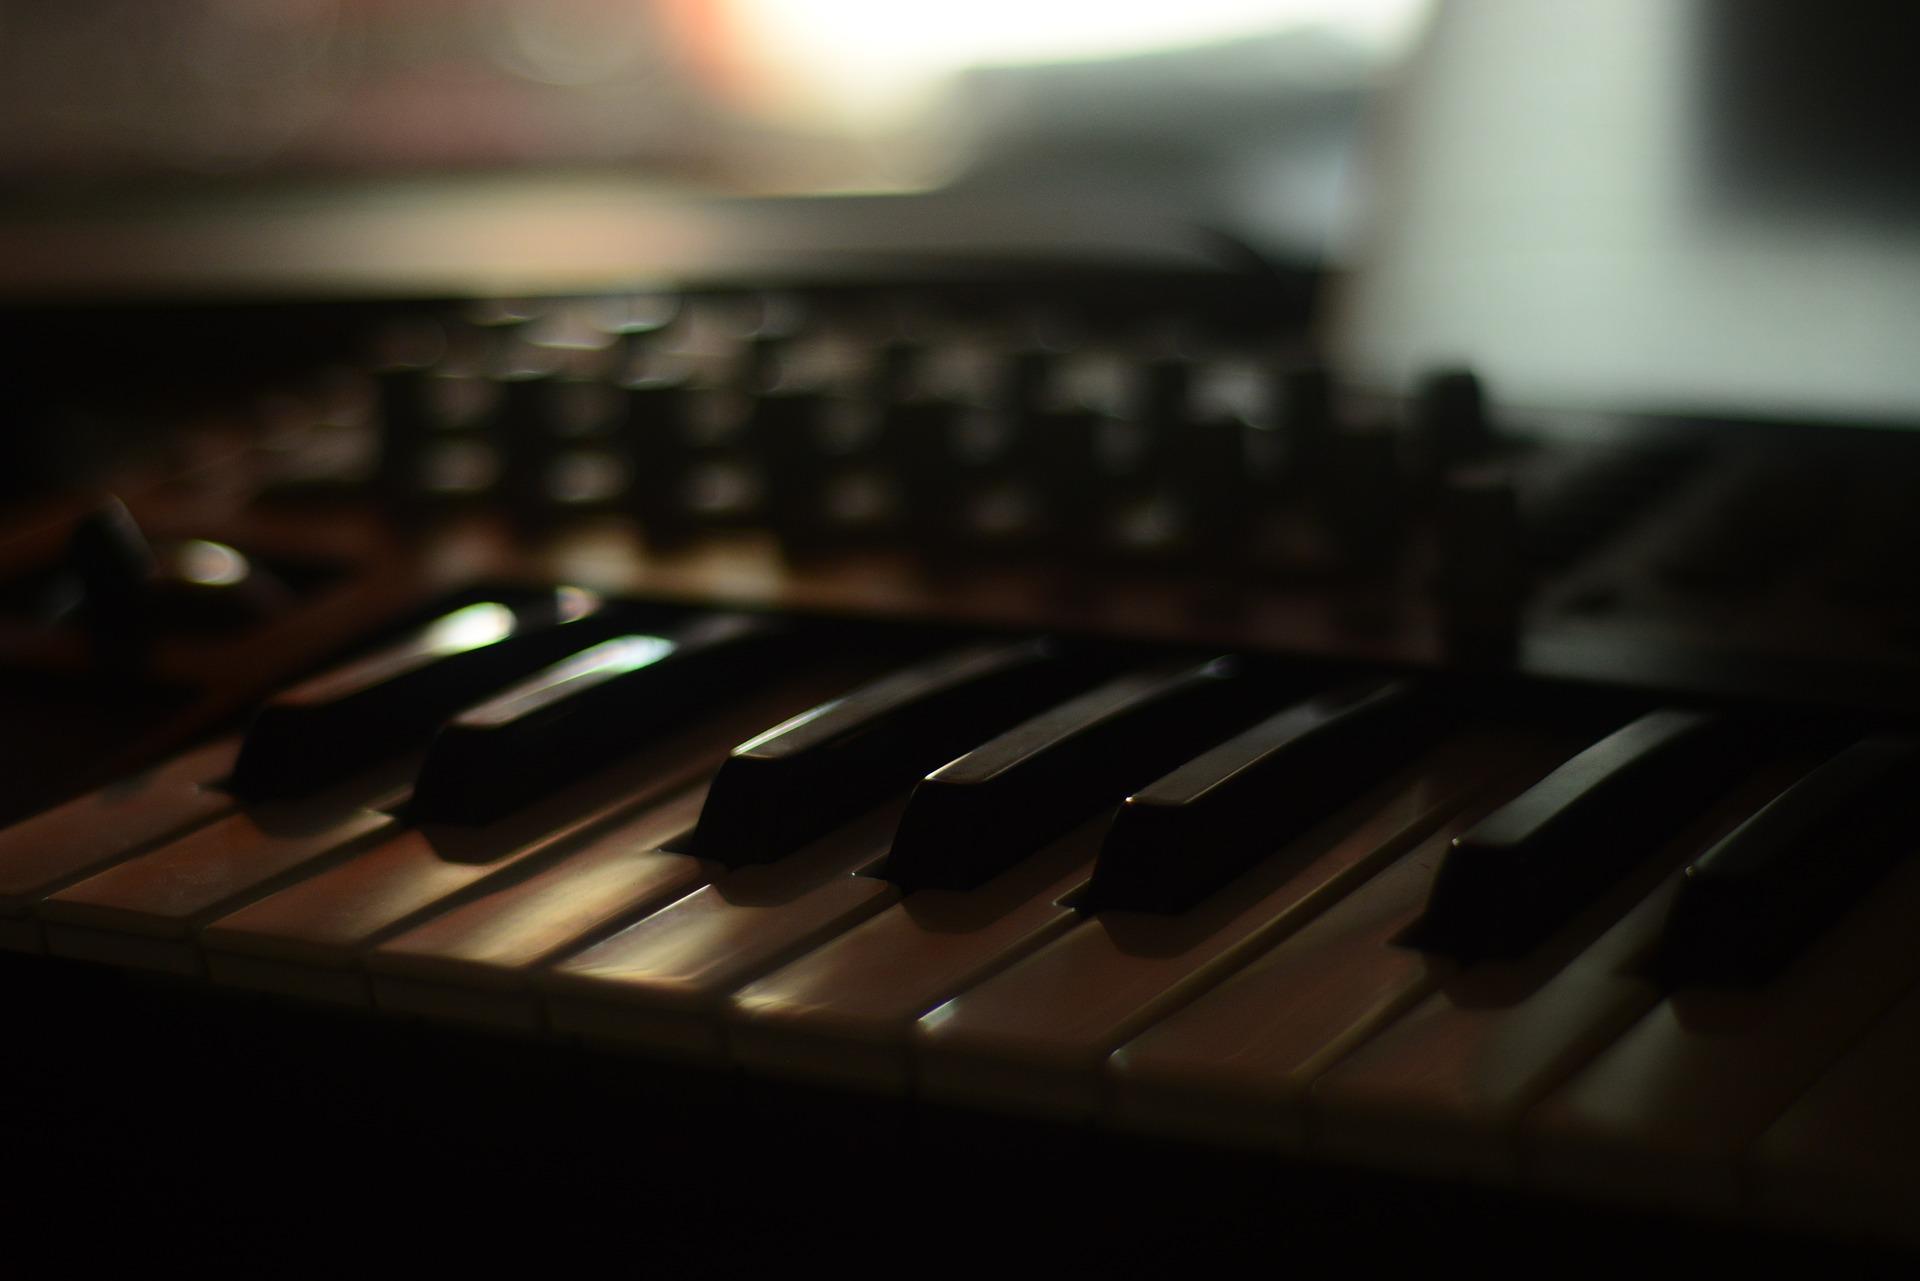 piano-2989646_1920.jpg